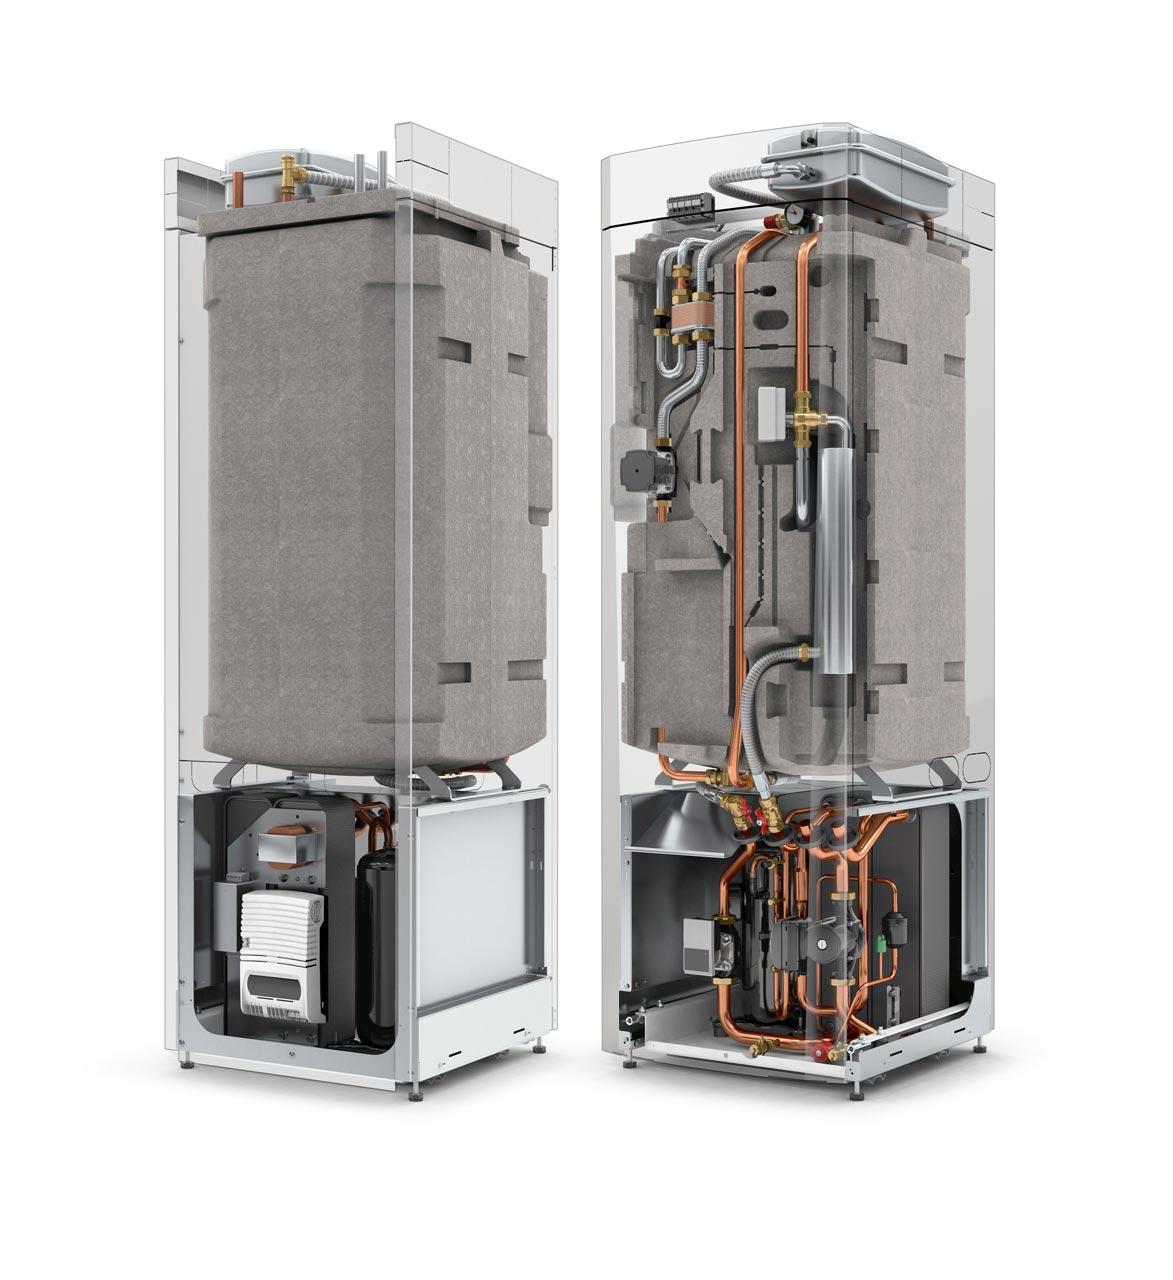 MGH GSI Sole/Wasser innen aufgestellt. Schnittmodel Wärmepumpe mit Frischwasserstation